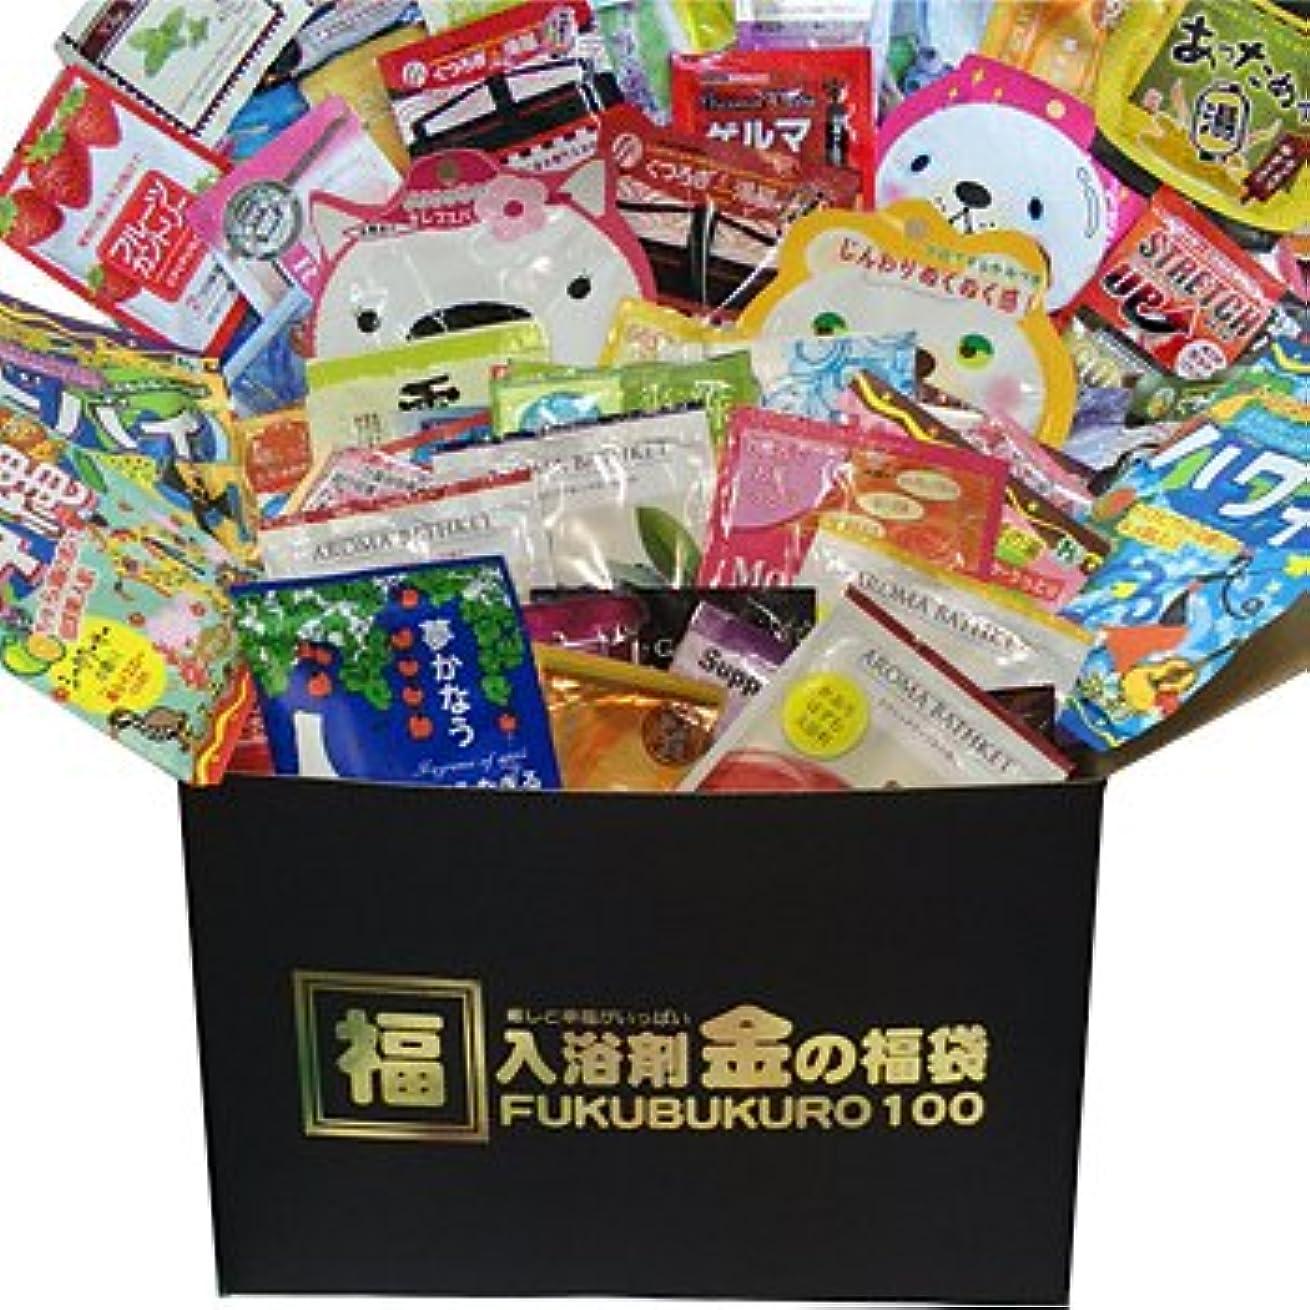 ユーモア曖昧ないとこ金の! 【入浴剤 福袋】100個 安心の日本製!入浴剤福袋/入浴剤 福袋/ギフト